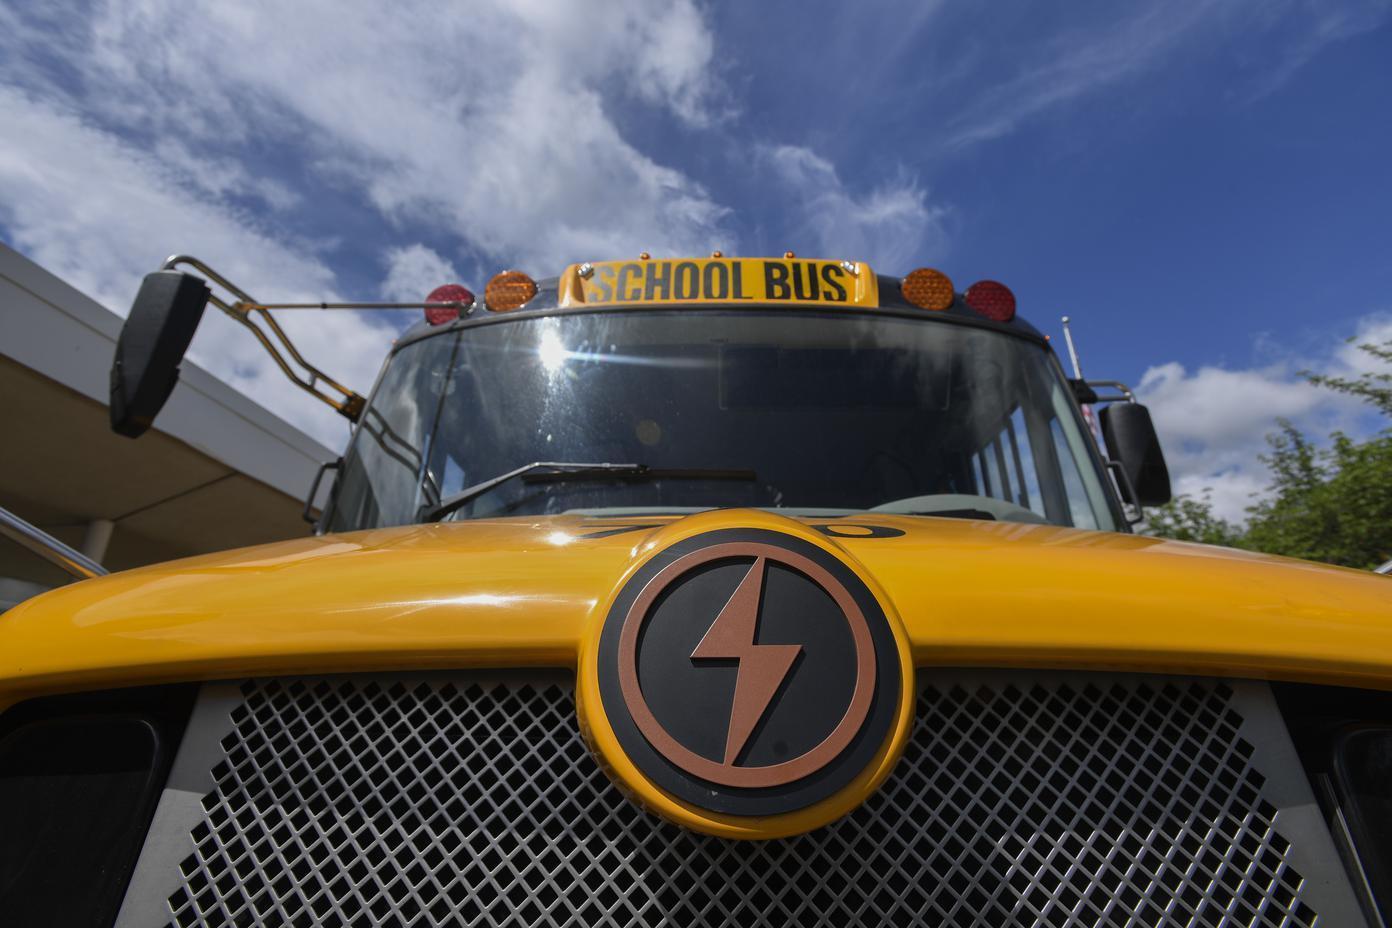 نمای نزدیک در جلوی اتوبوس زرد رنگ مدرسه با یک آرم بزرگ پررنگ در جلو